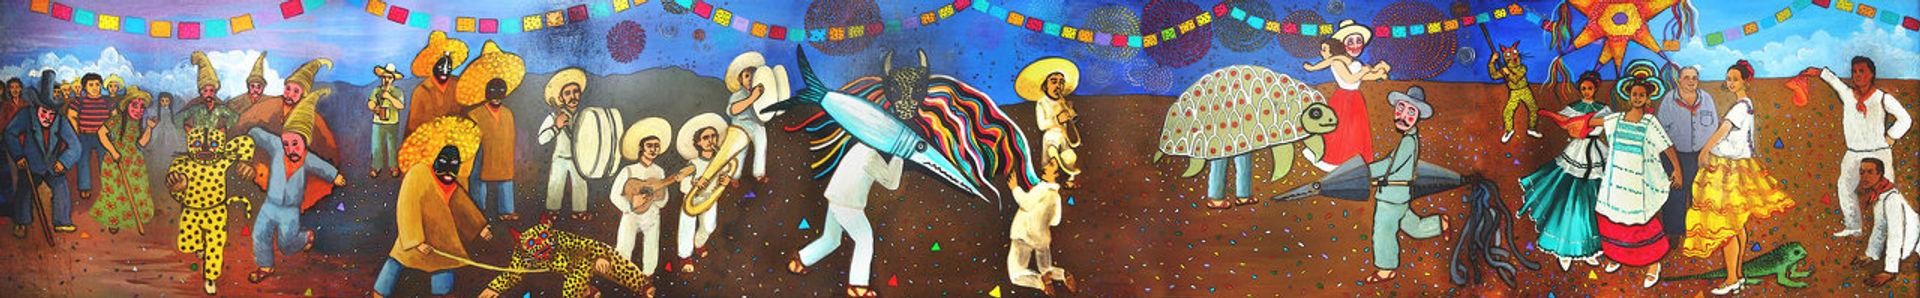 mural jaguarchicp.jpg